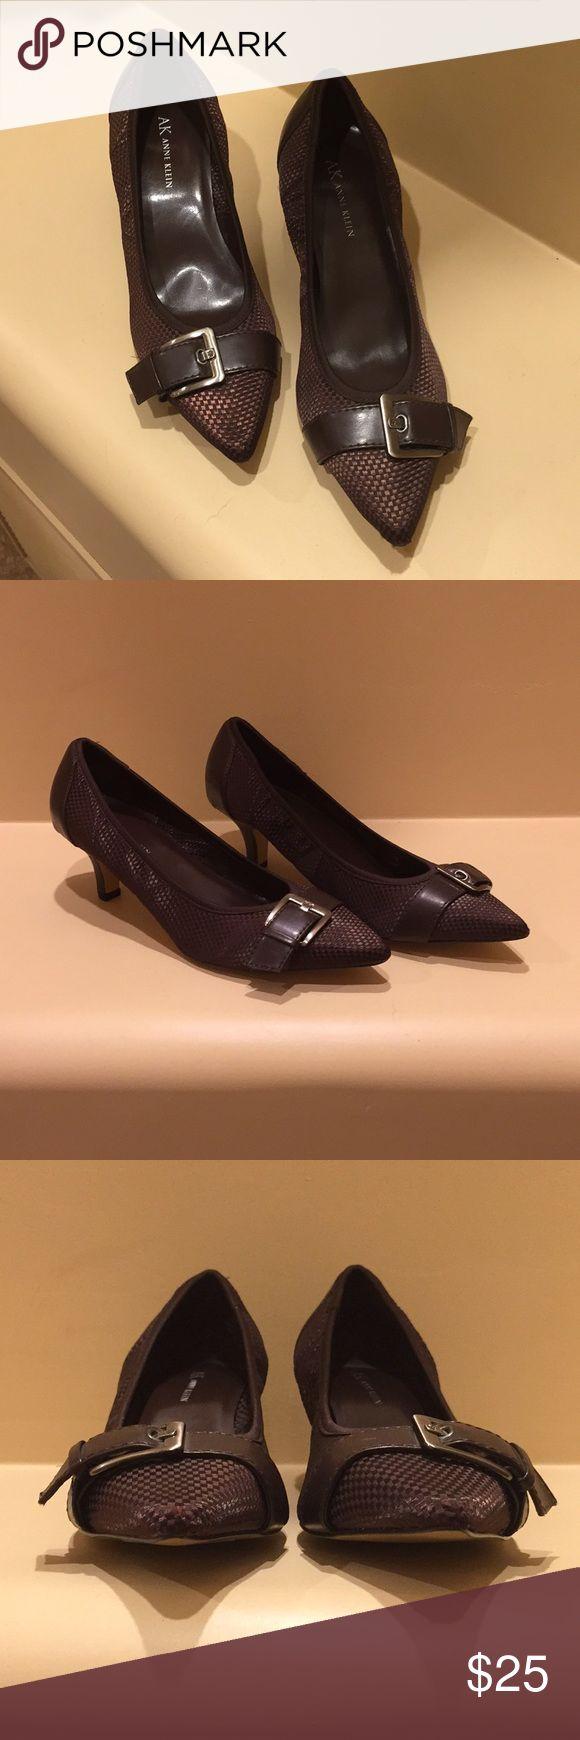 """Anne Klein 2 1/2"""" brown pumps w/buckle Anne Klein 2 1/2"""" brown pumps w/buckle Anne Klein Shoes Heels"""